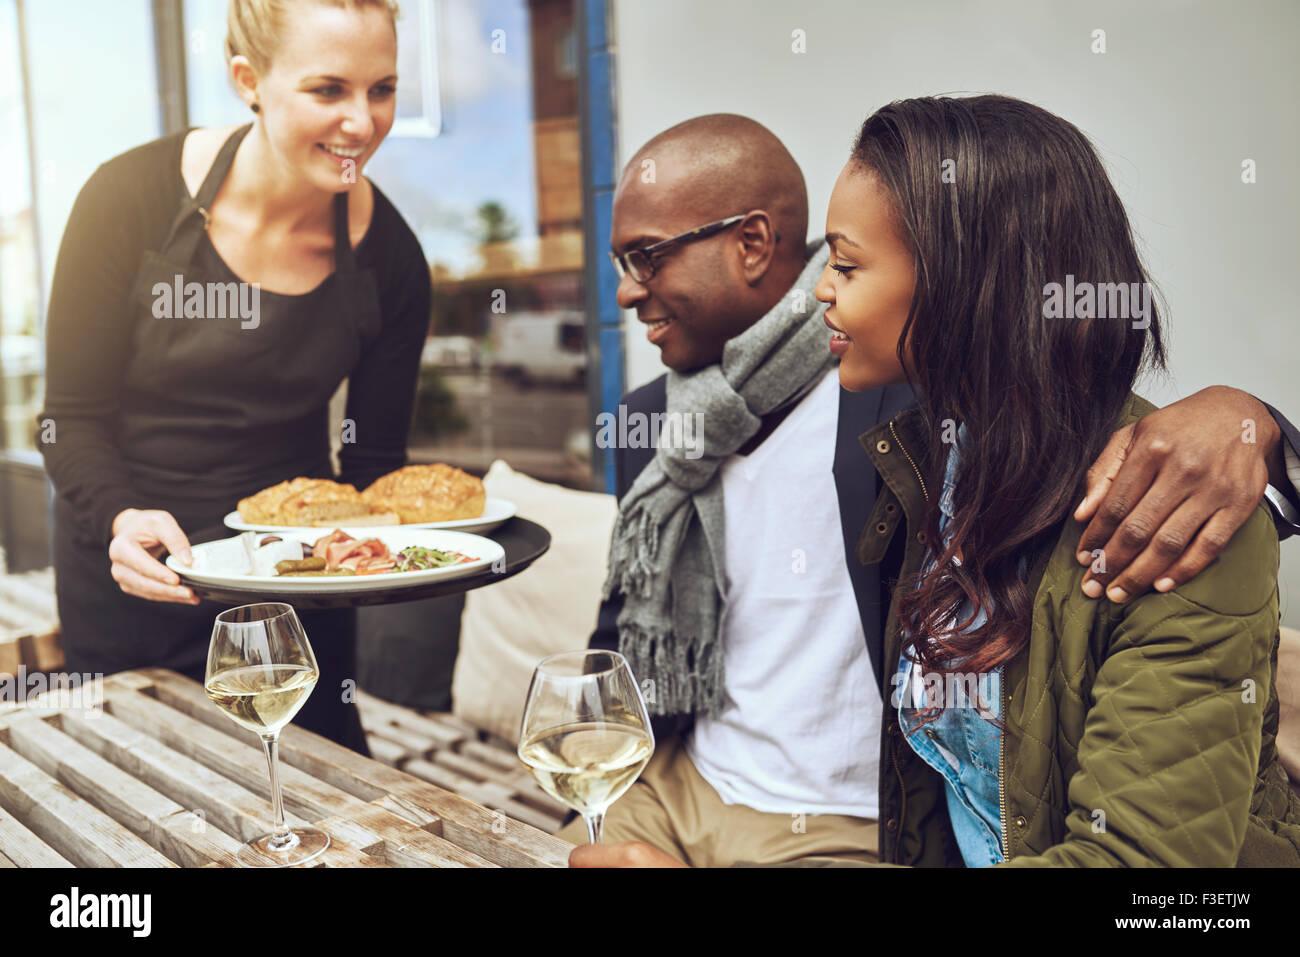 Kellnerin mit Küche, eine liebevolle afrikanische amerikanische paar Arm in Arm auf einen Tisch im Restaurant Stockbild